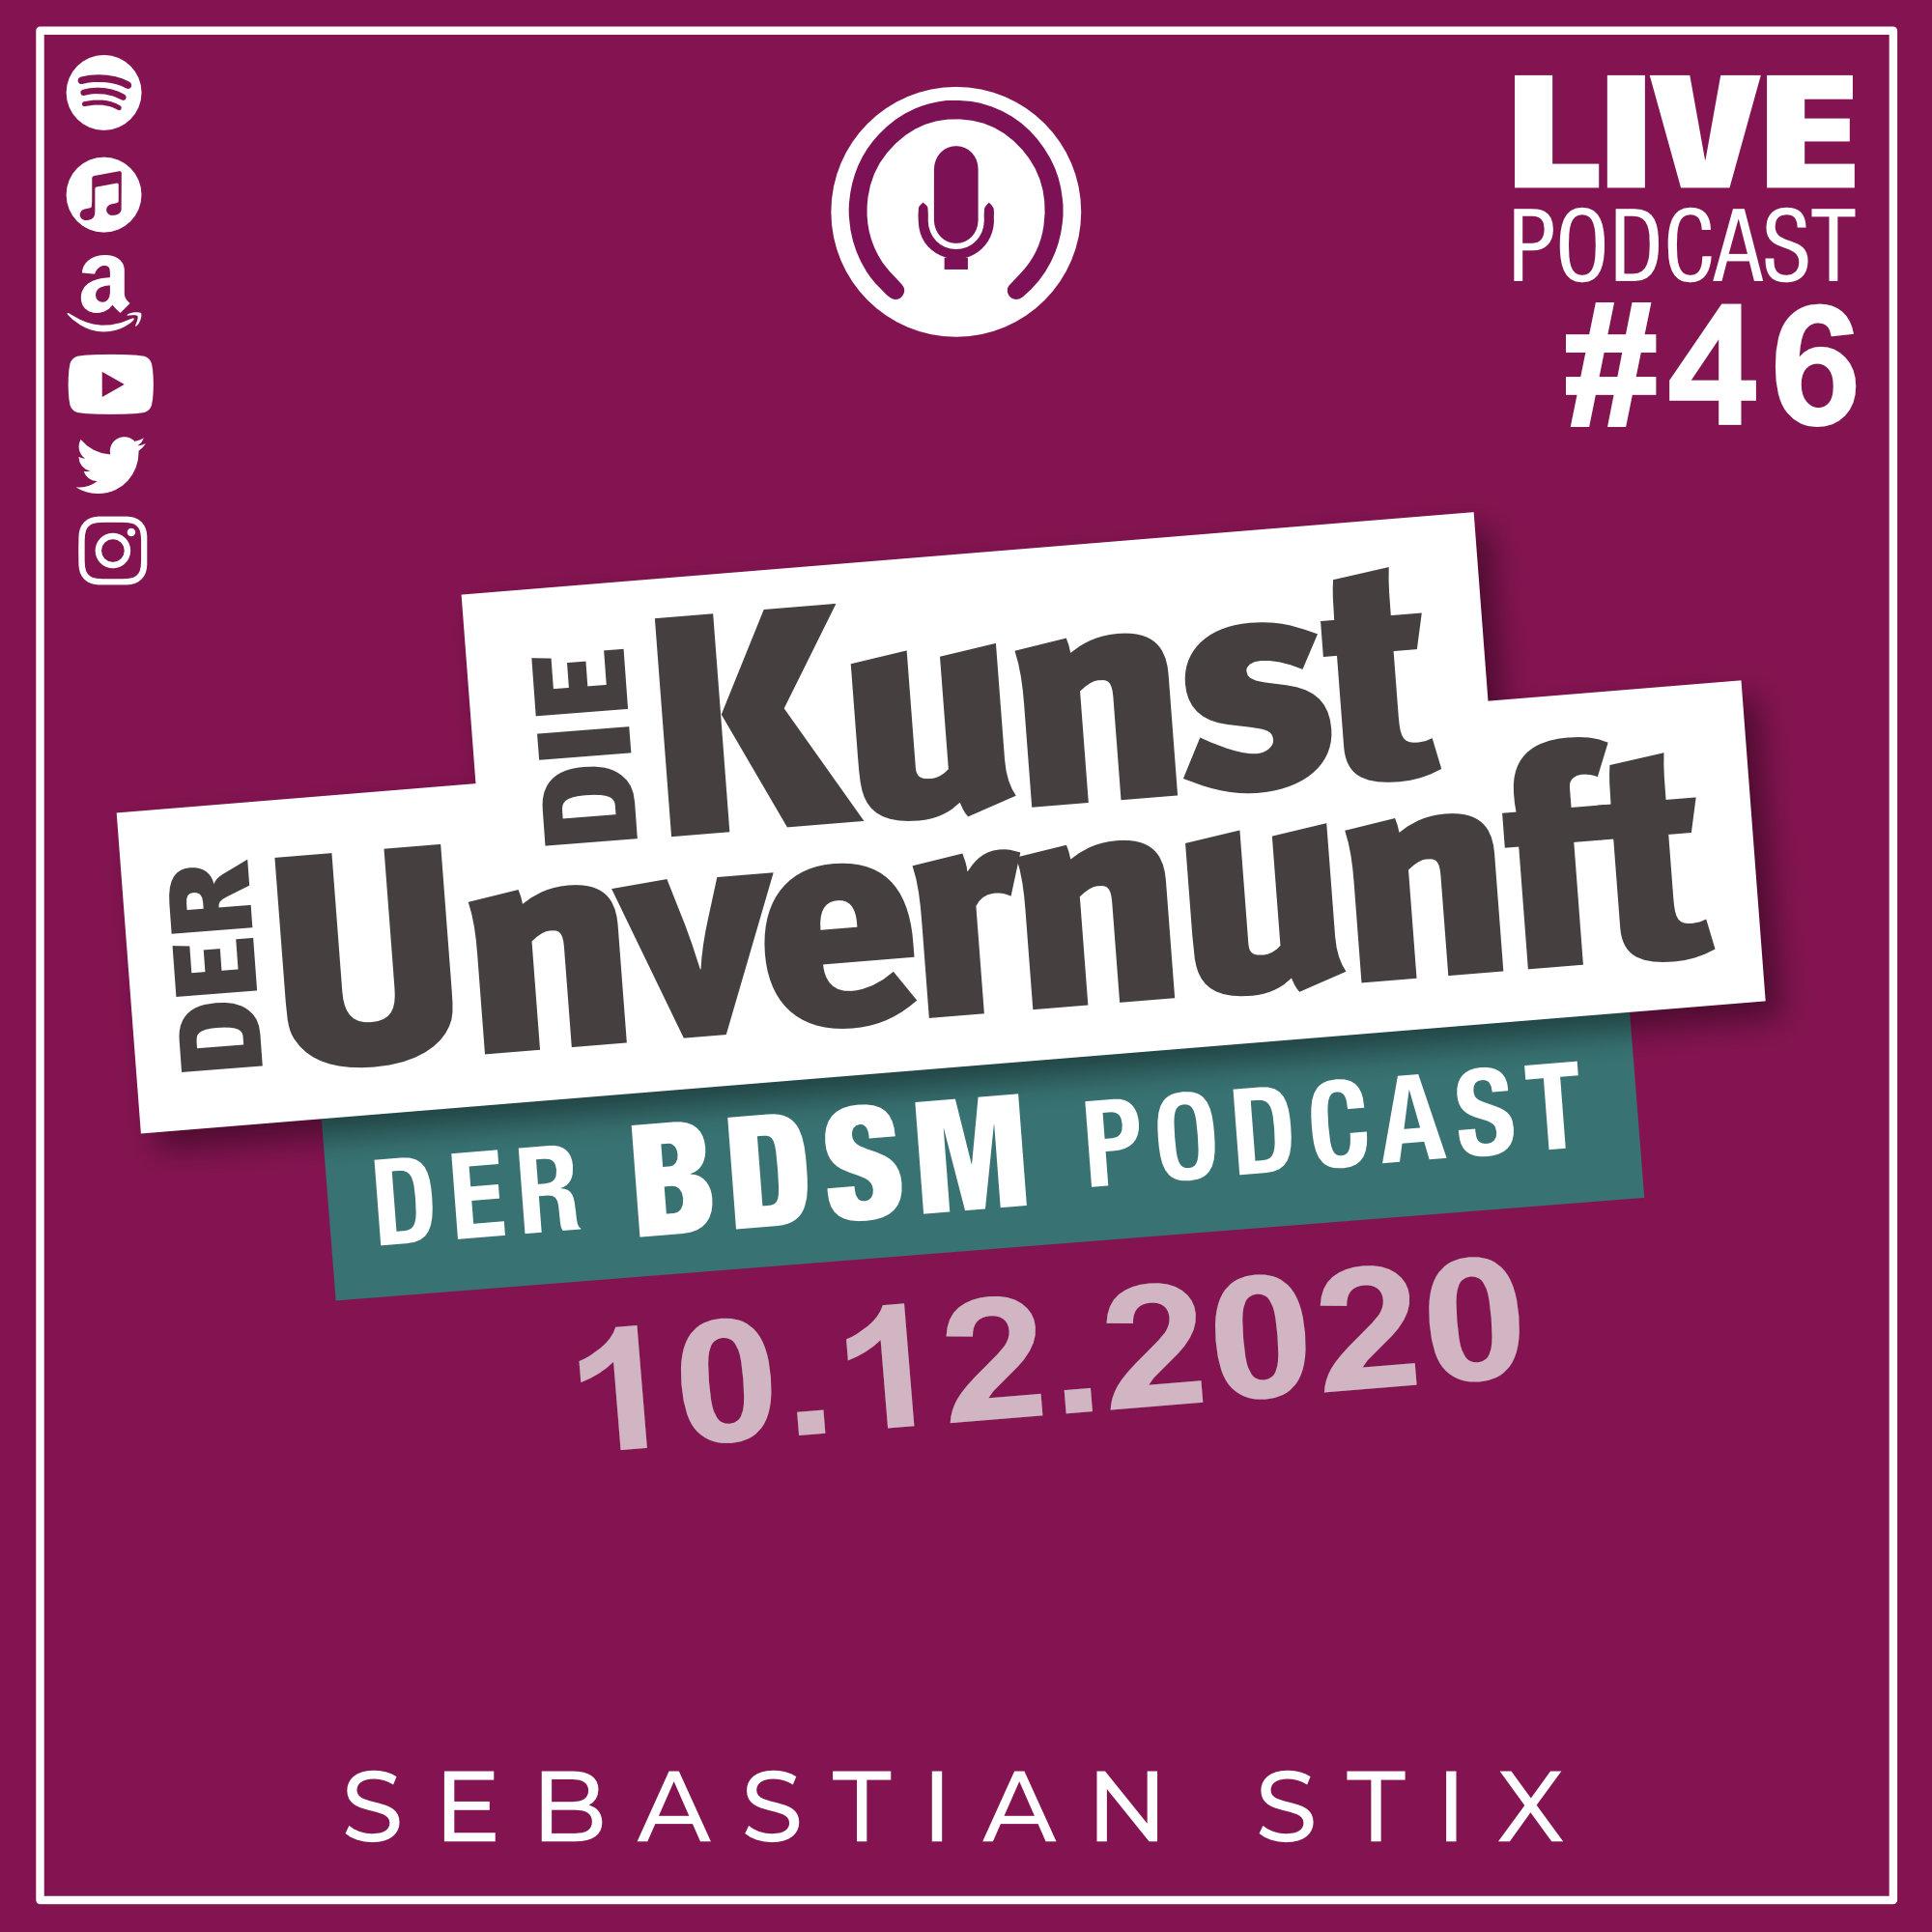 Unvernunft Live 10.12.2020 - Was zu Feiern und was vom scheitern